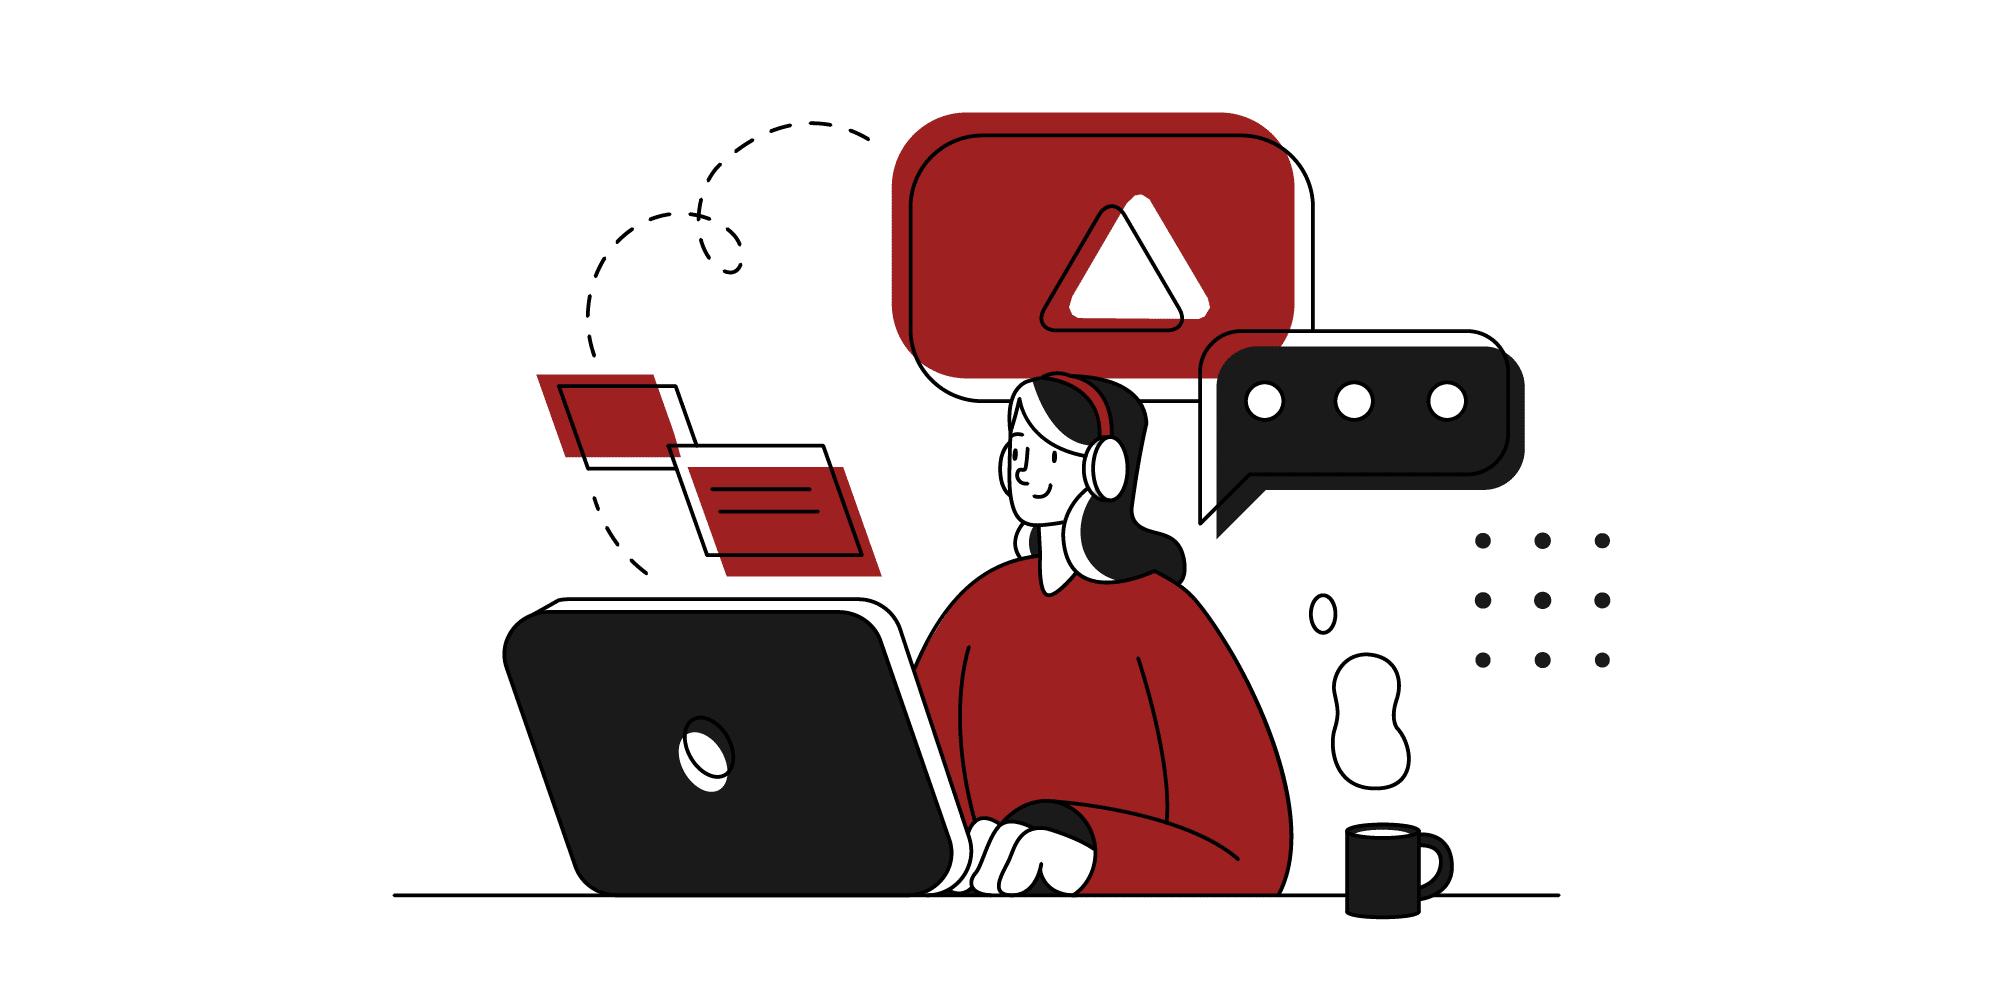 Illustrasjon av dame foran laptop